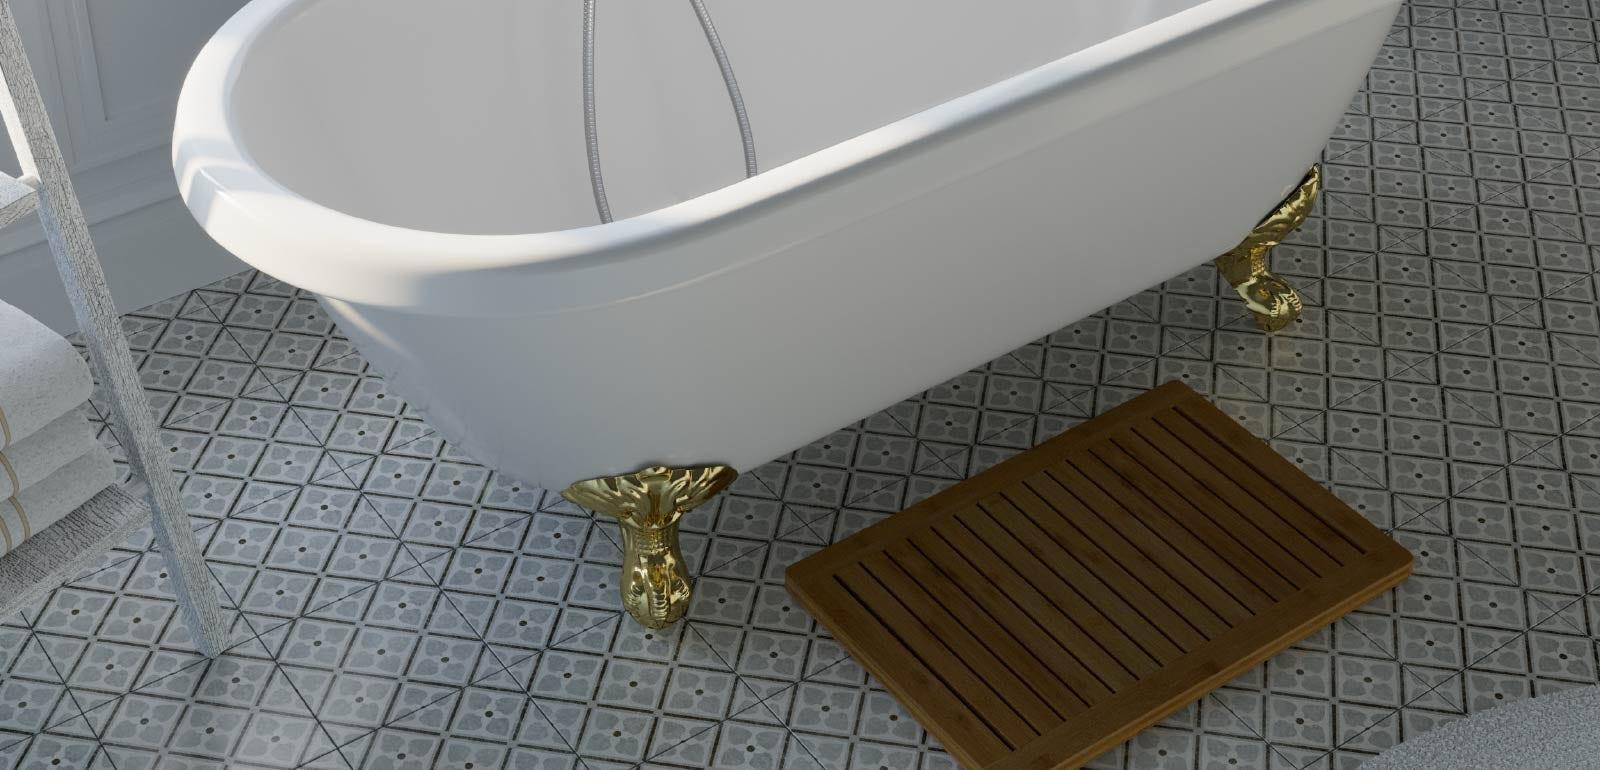 5 elegant traditional bathroom ideas for 2020